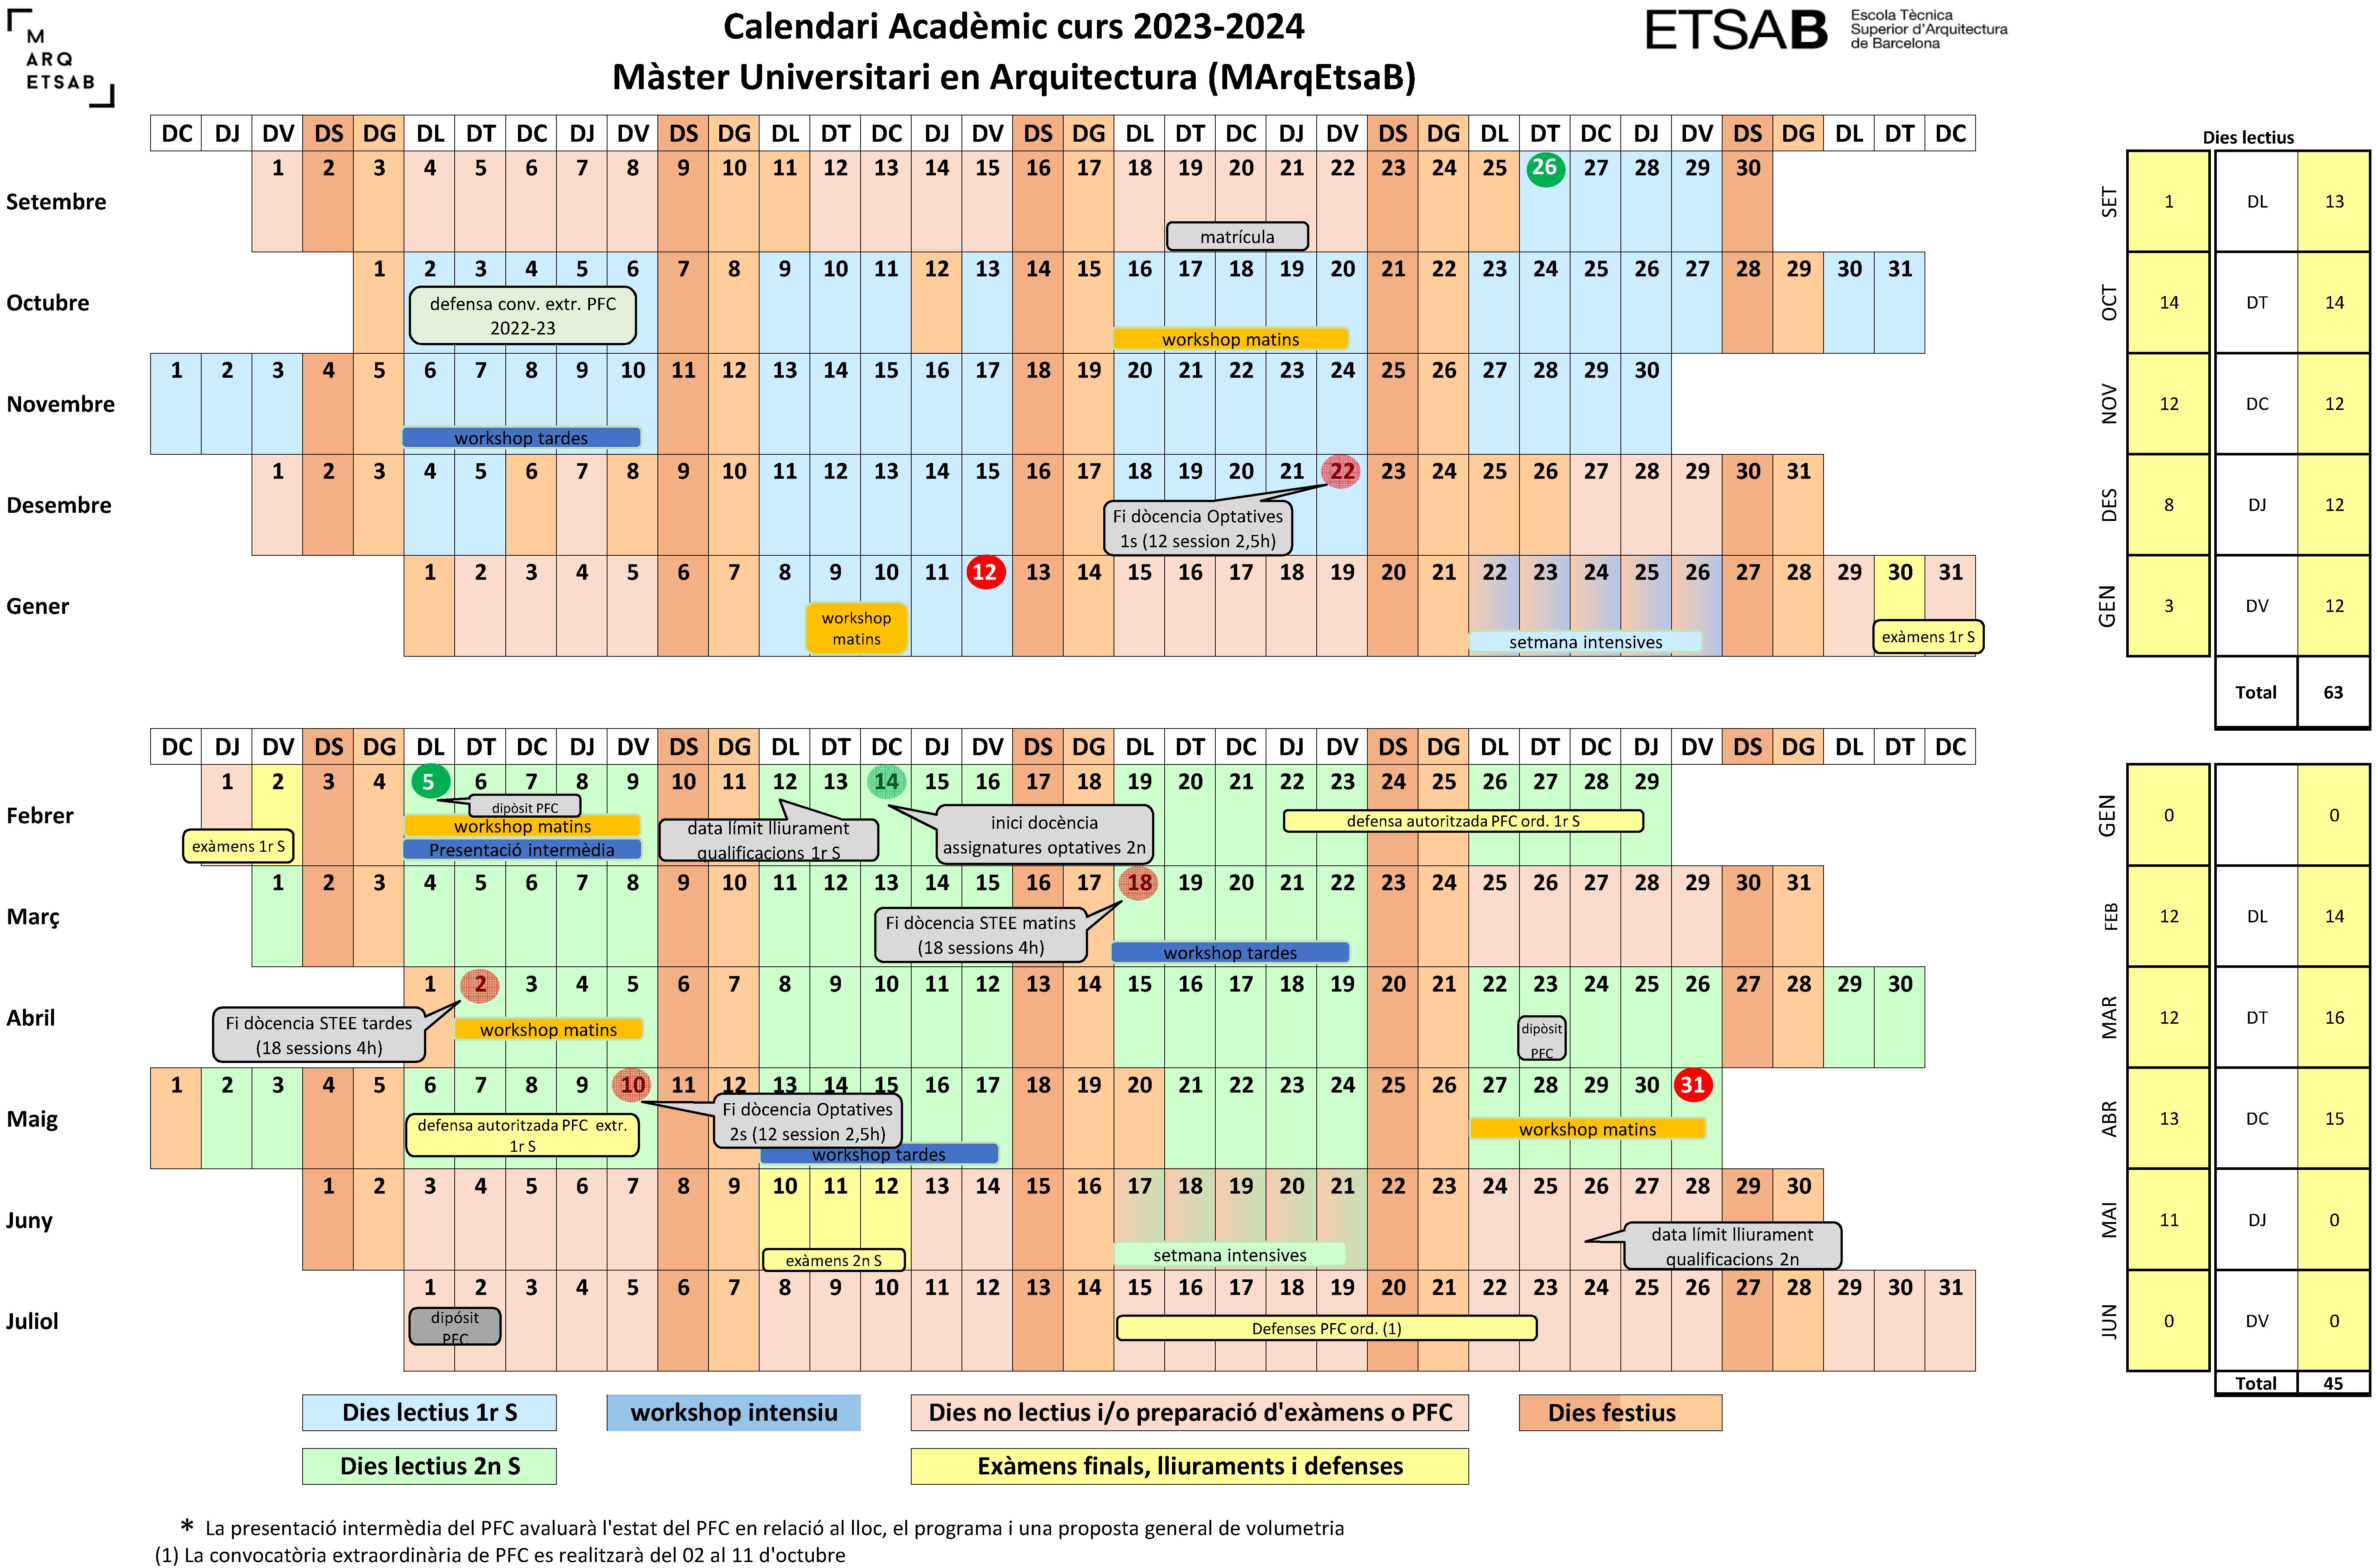 calendari 18-19 marq.png